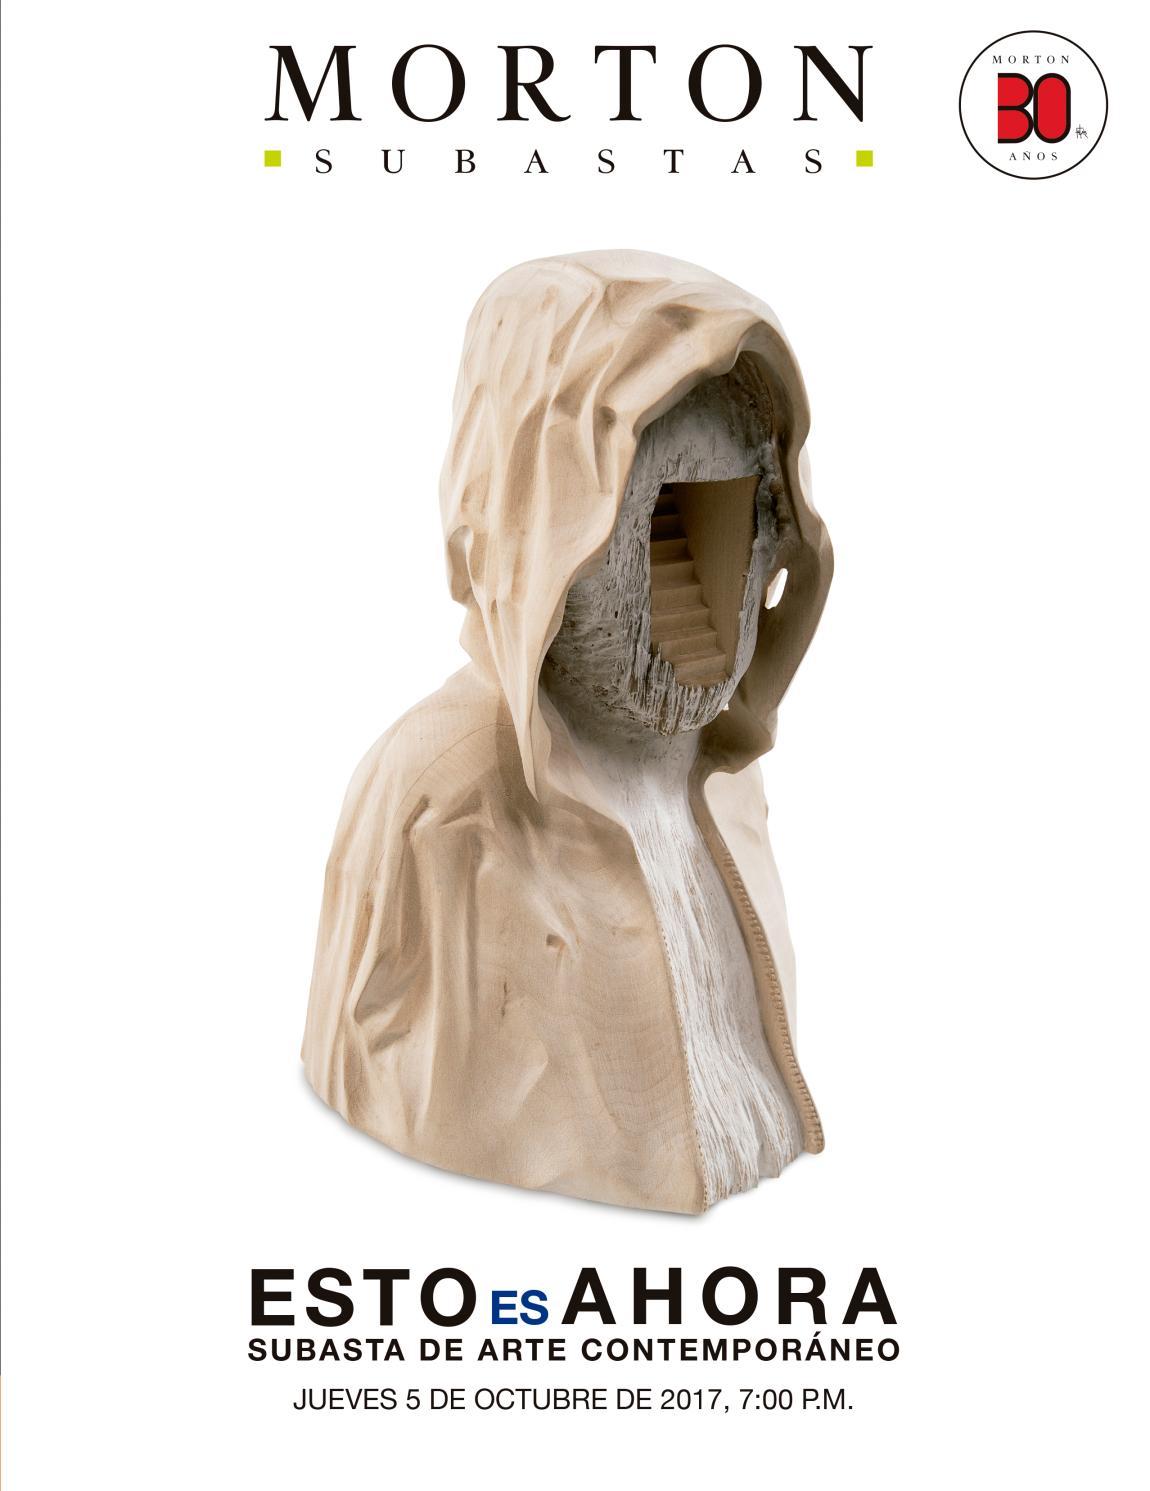 Esto es Ahora. Subasta de Arte Contemporáneo by Morton Subastas - issuu 2b7c5cc198a